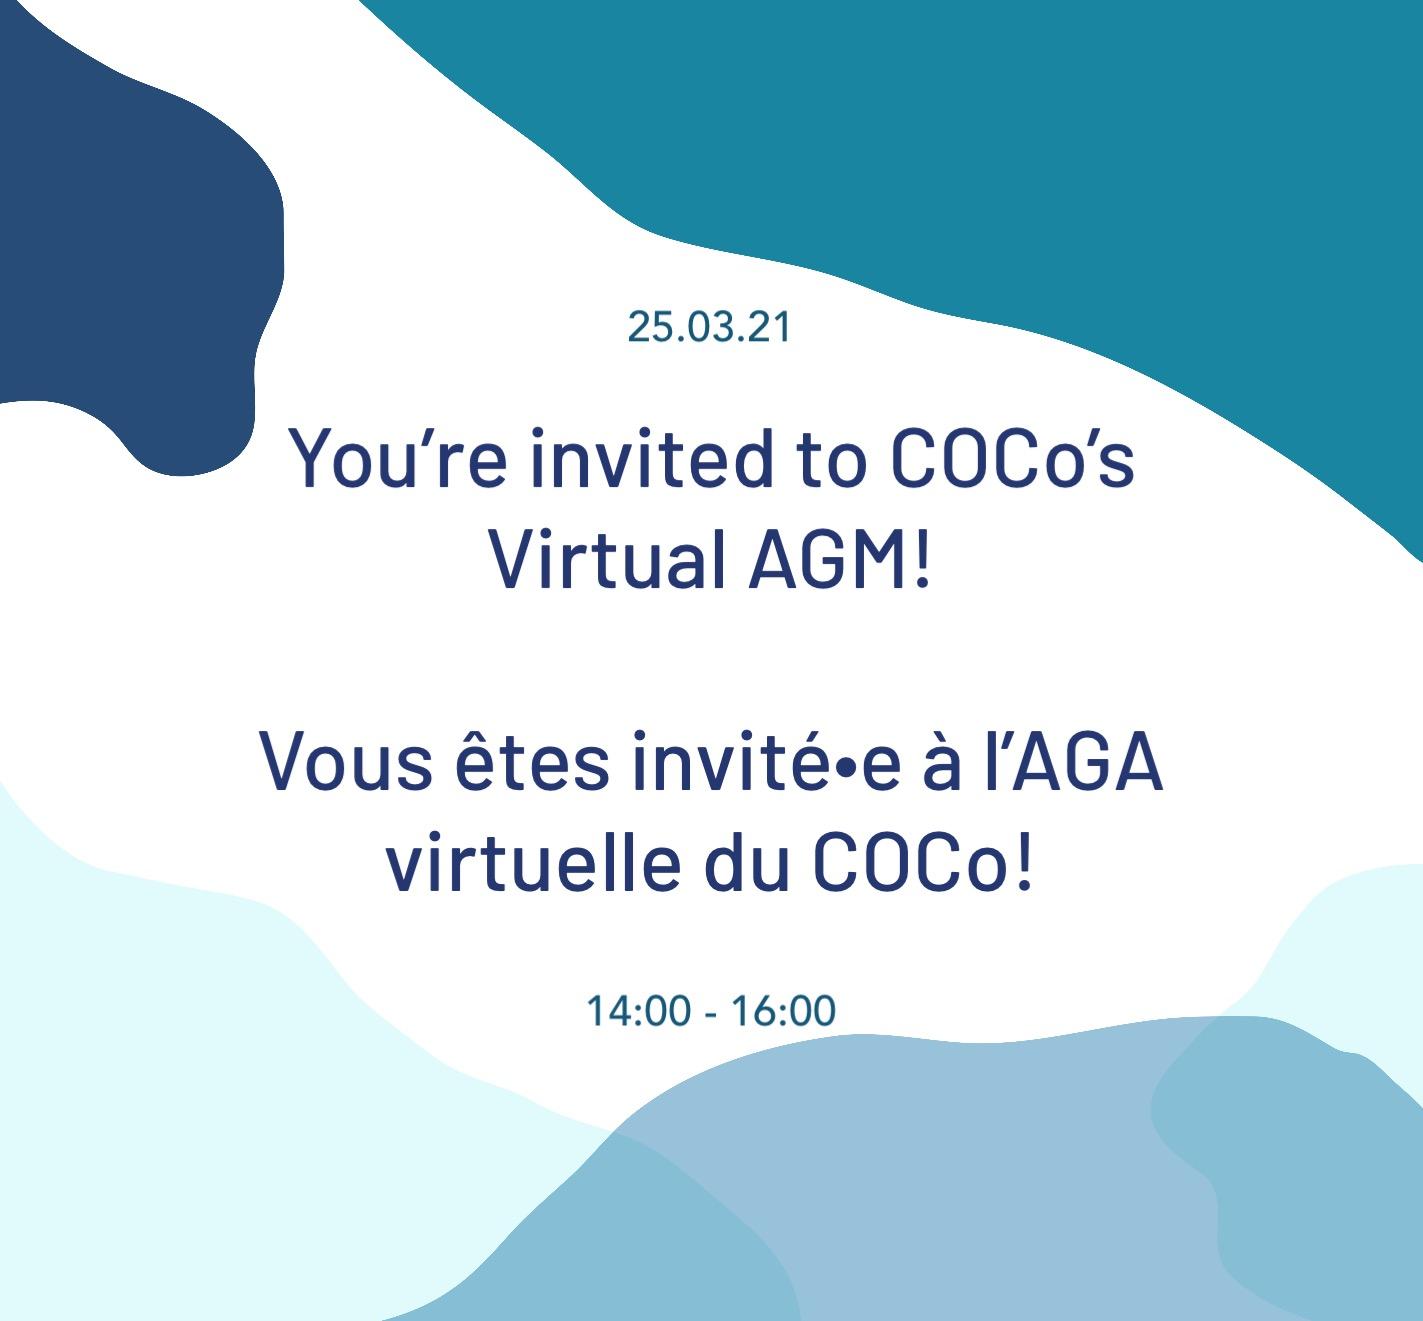 Vous êtes invité•e à notre AGA Virtuelle